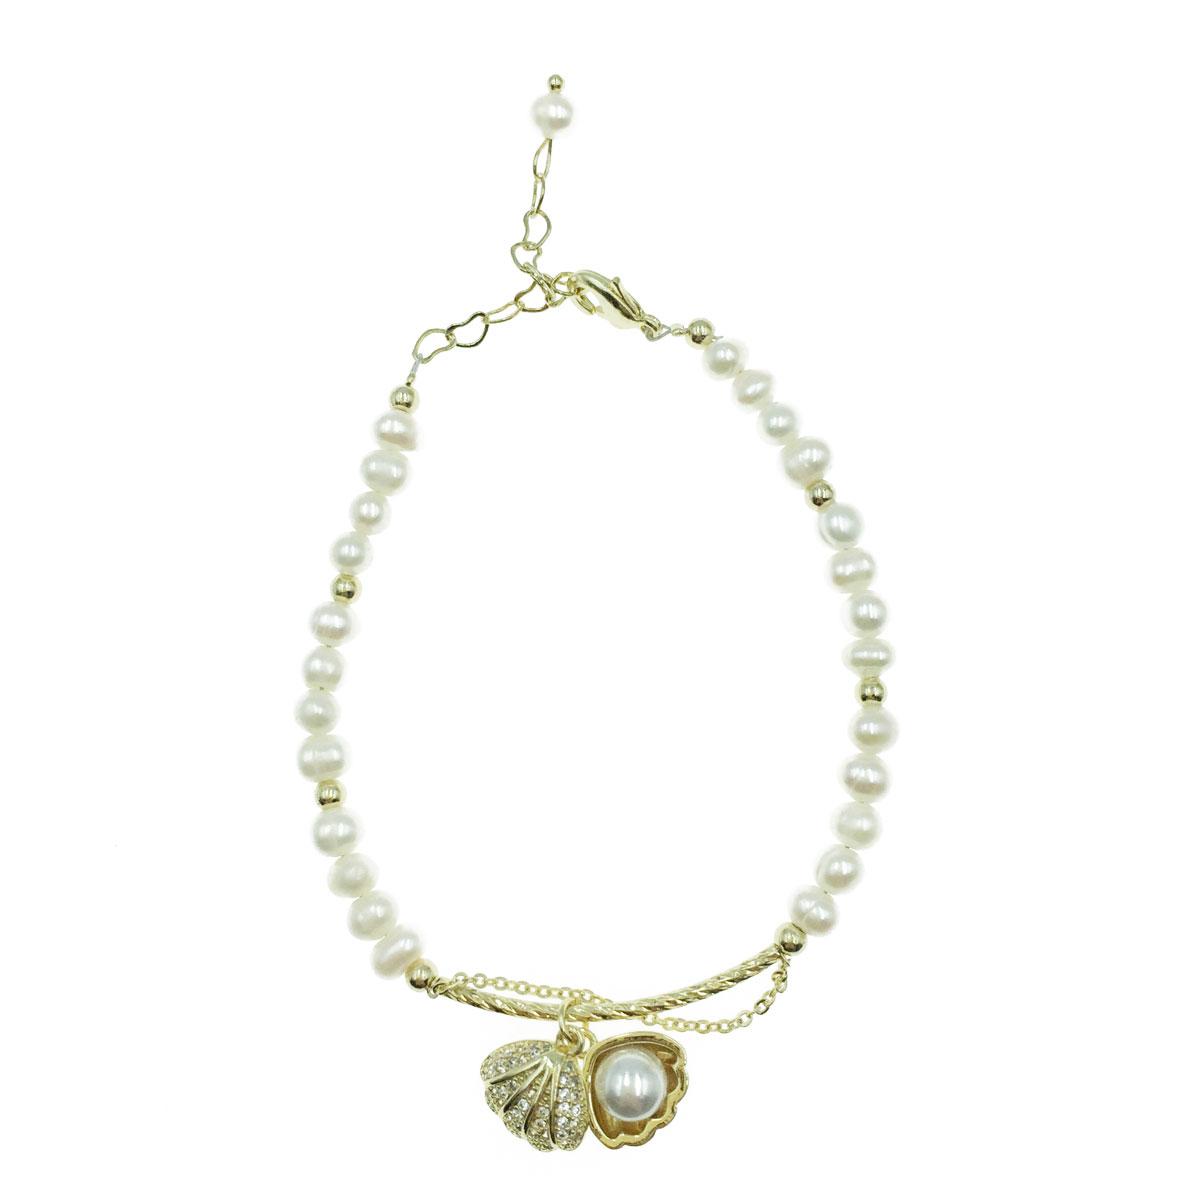 韓國 天然珠 貝殼 珠珠 愛心 可調式 手鍊